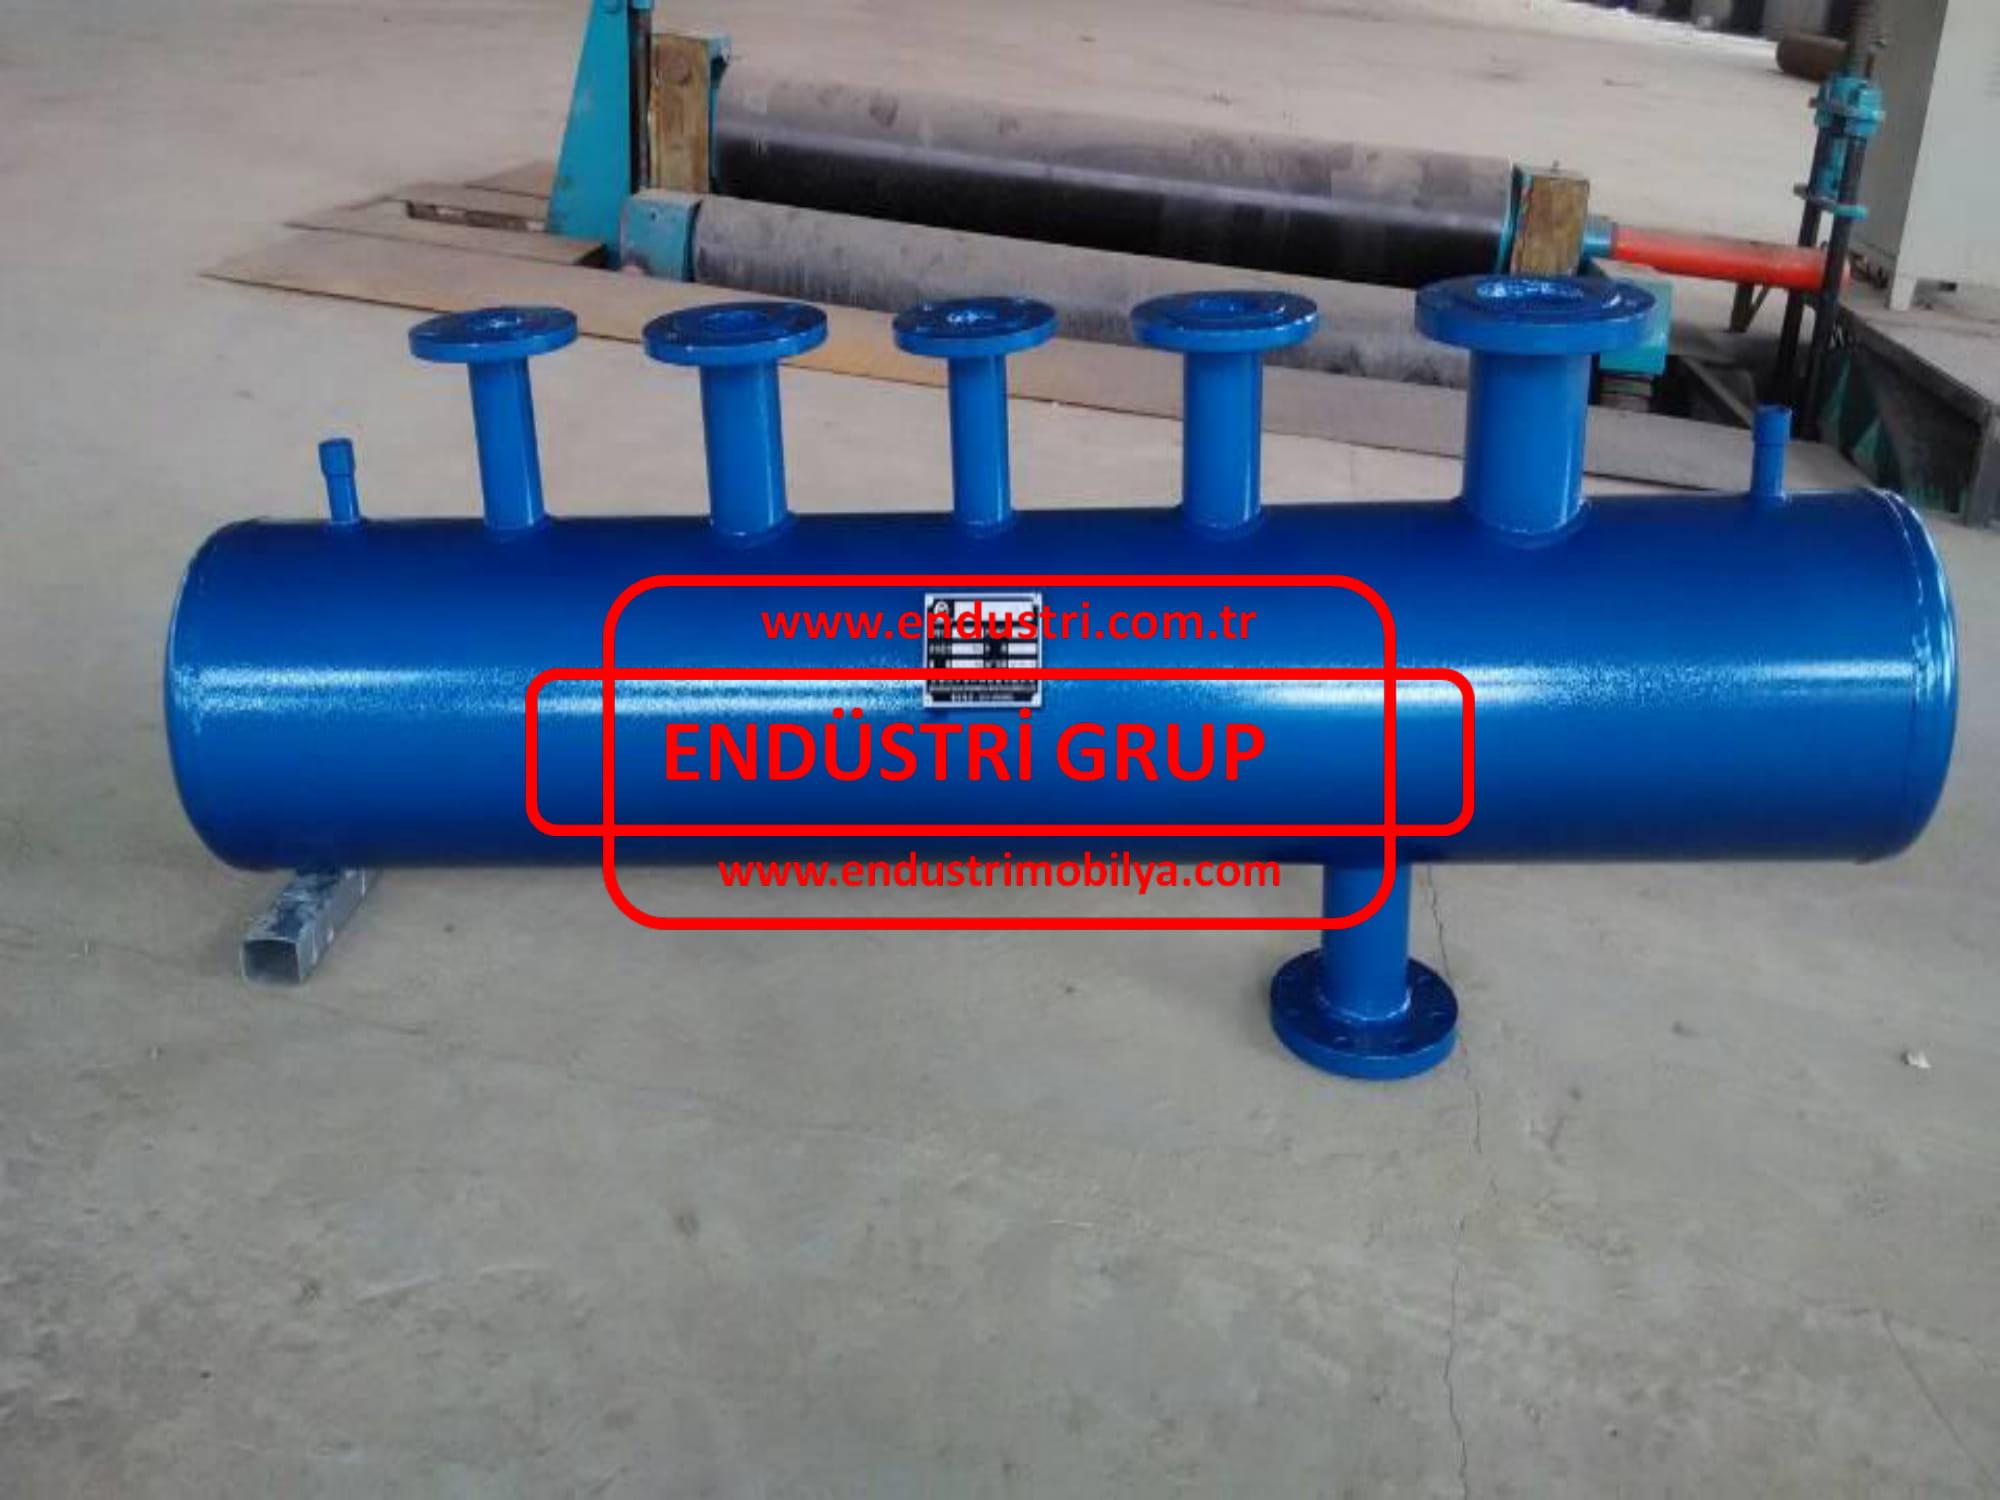 galvaniz-paslanmaz-celik-yangin-hidrant-kollektoru-borusu-imalati-sus-havuzu-fiskiyeleri-fiyati